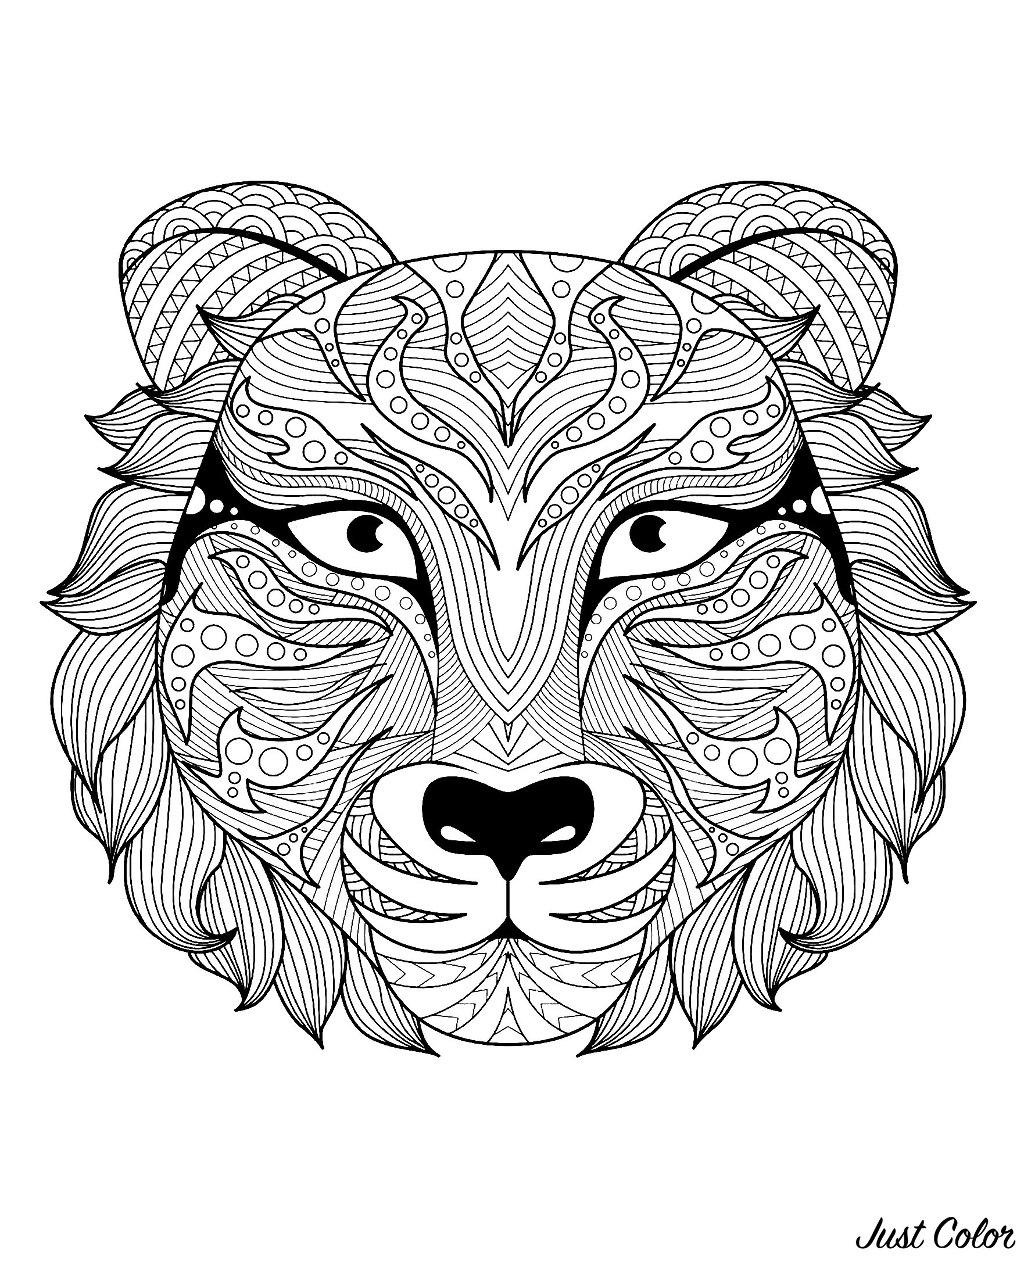 Disegni da colorare per adulti : Tigri - 3